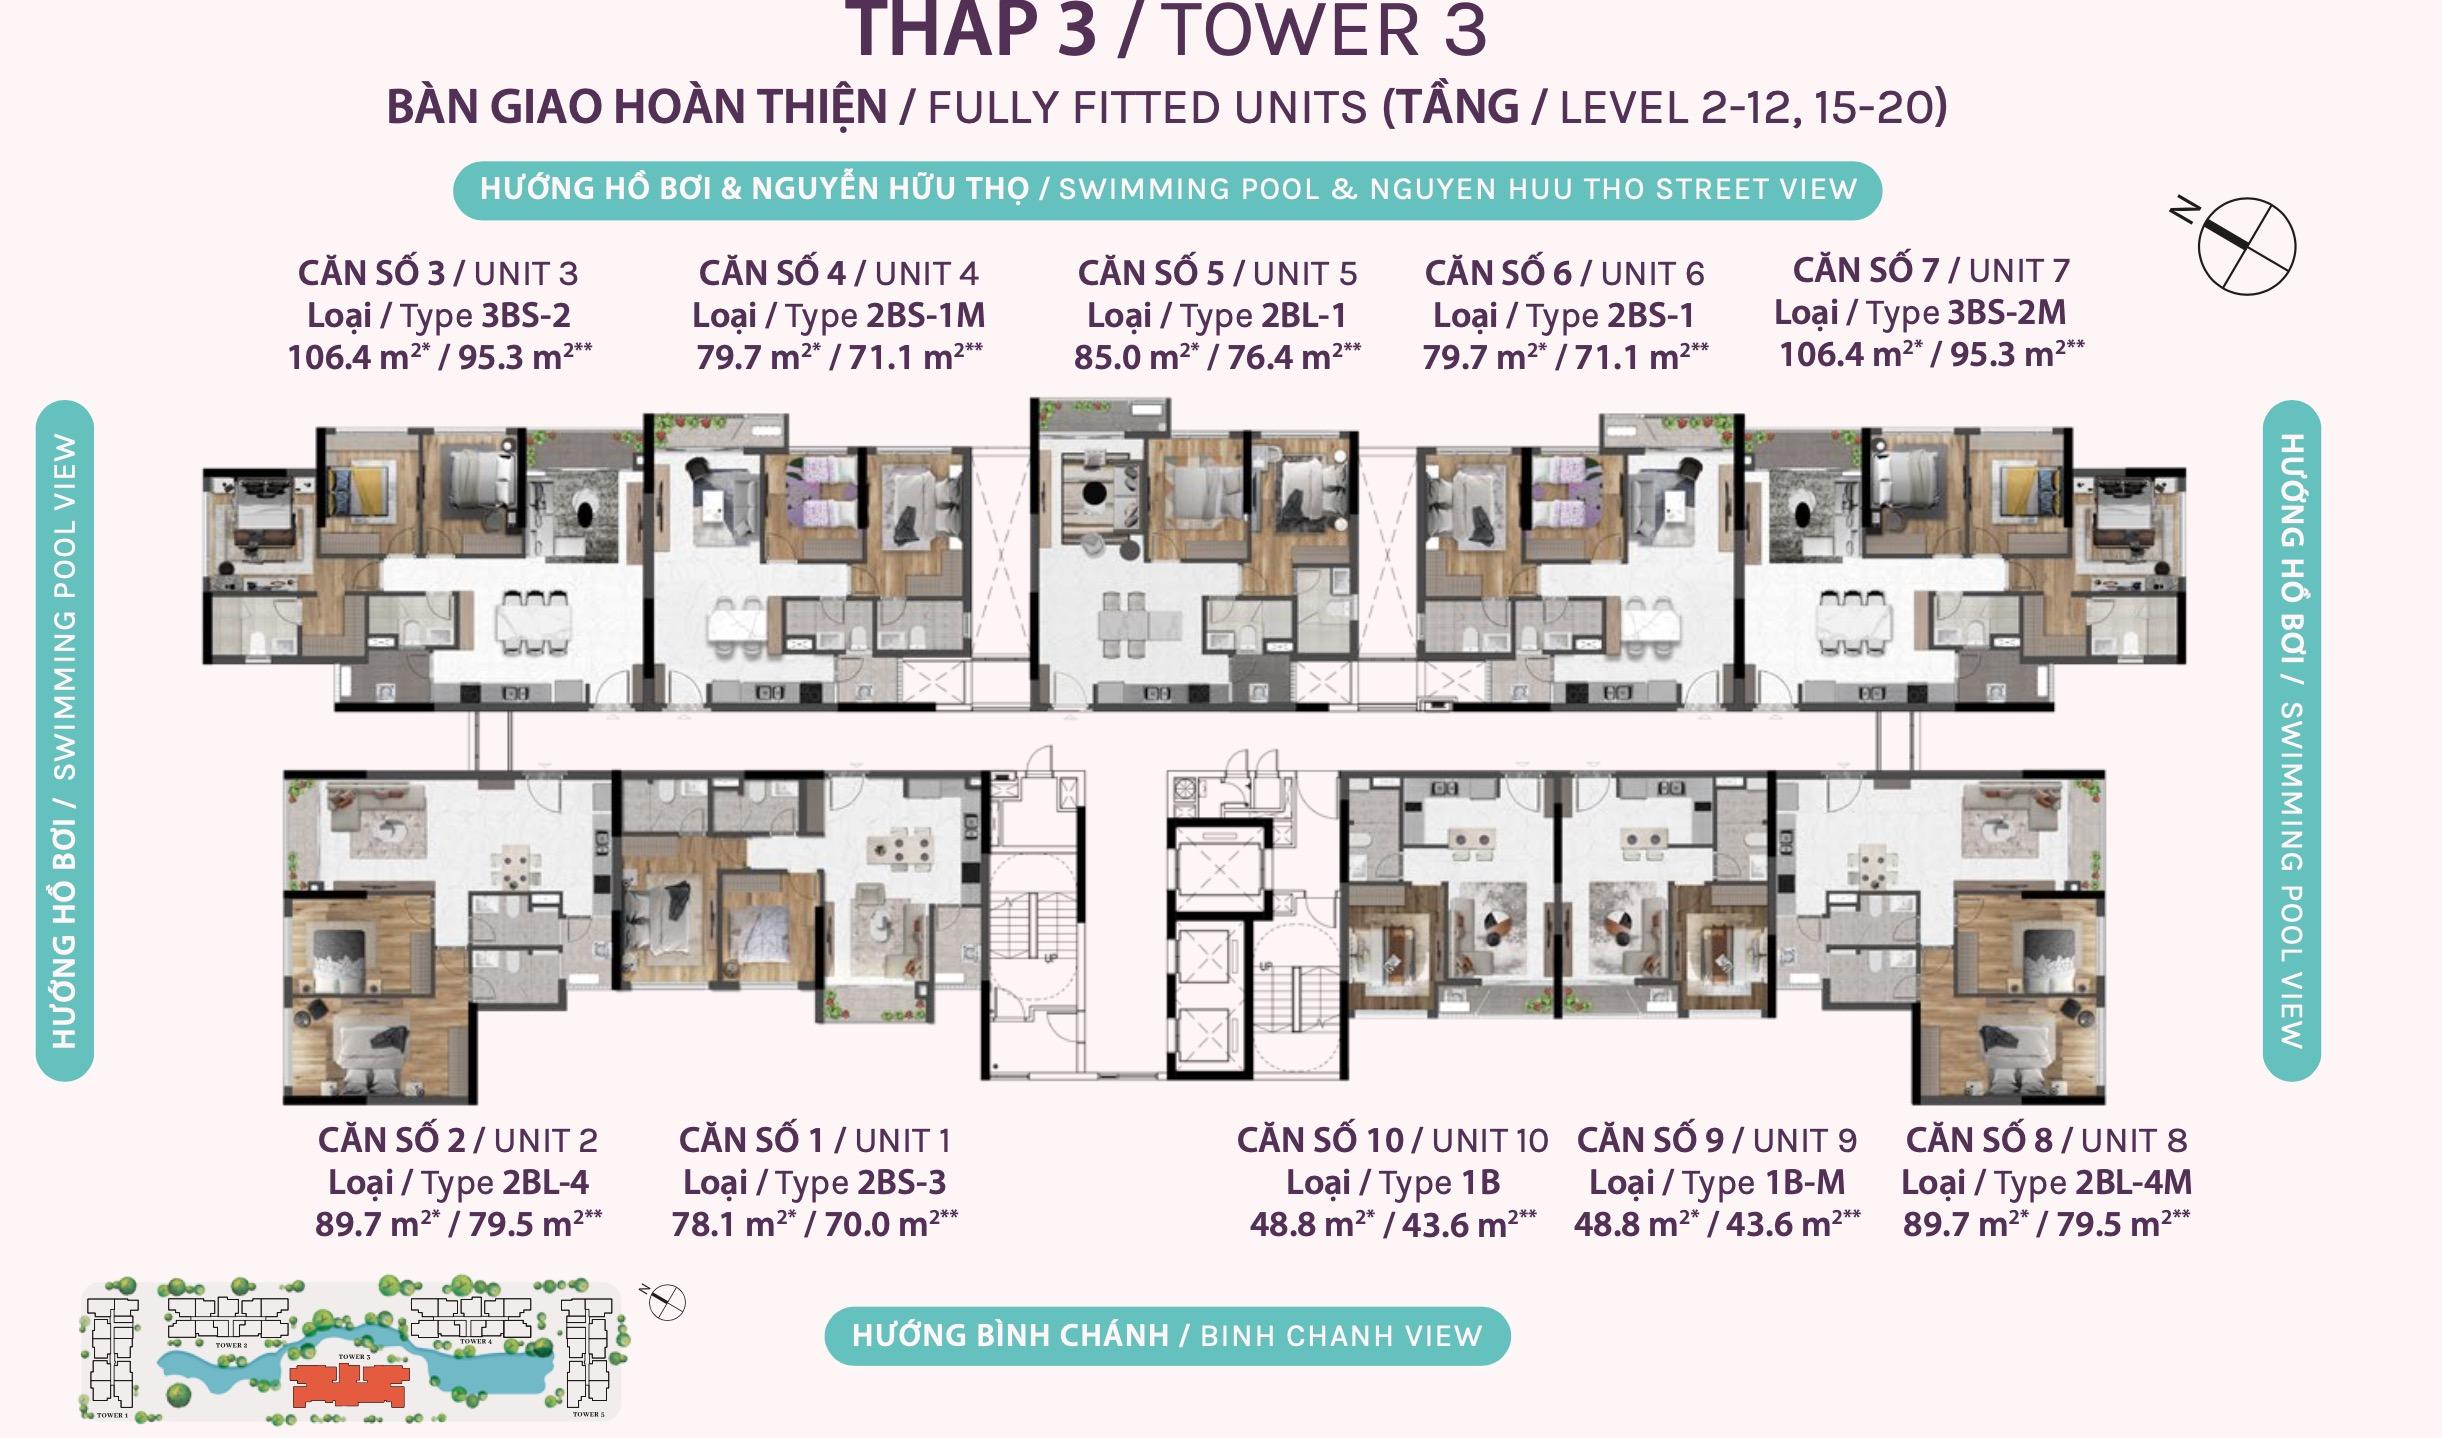 mặt bằng căn hộ celesta rise tháp 3